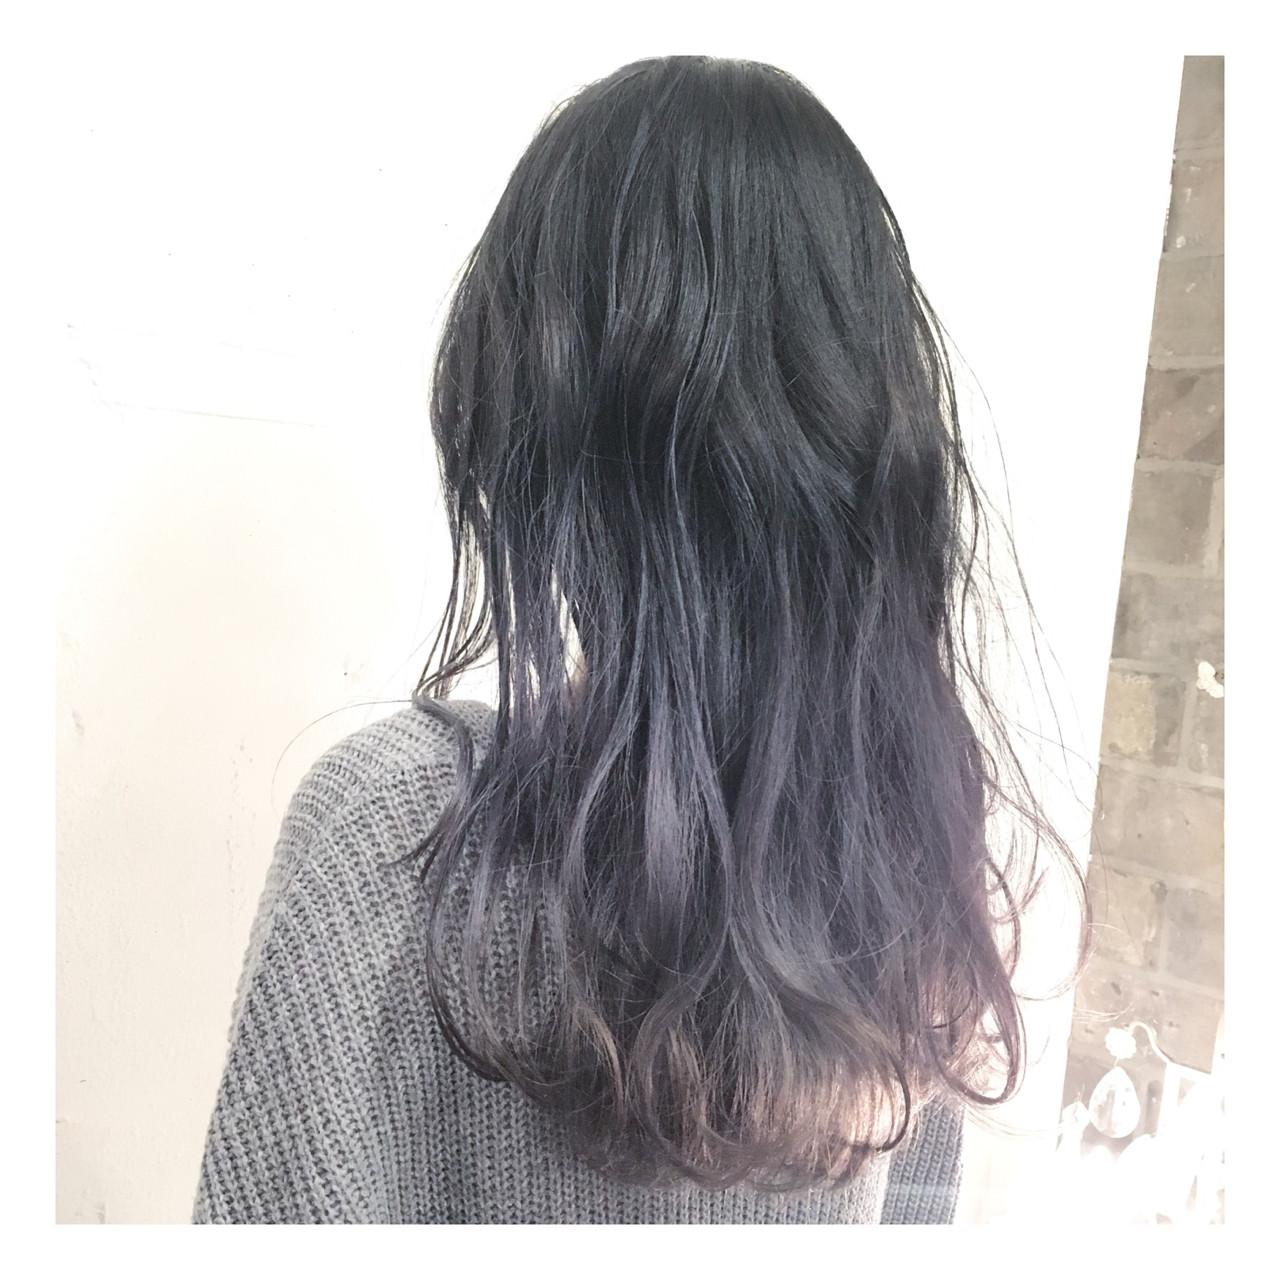 大注目の暗髪×グラデーションまとめ♡ポイントは毛先とハイライト 有山 滉大